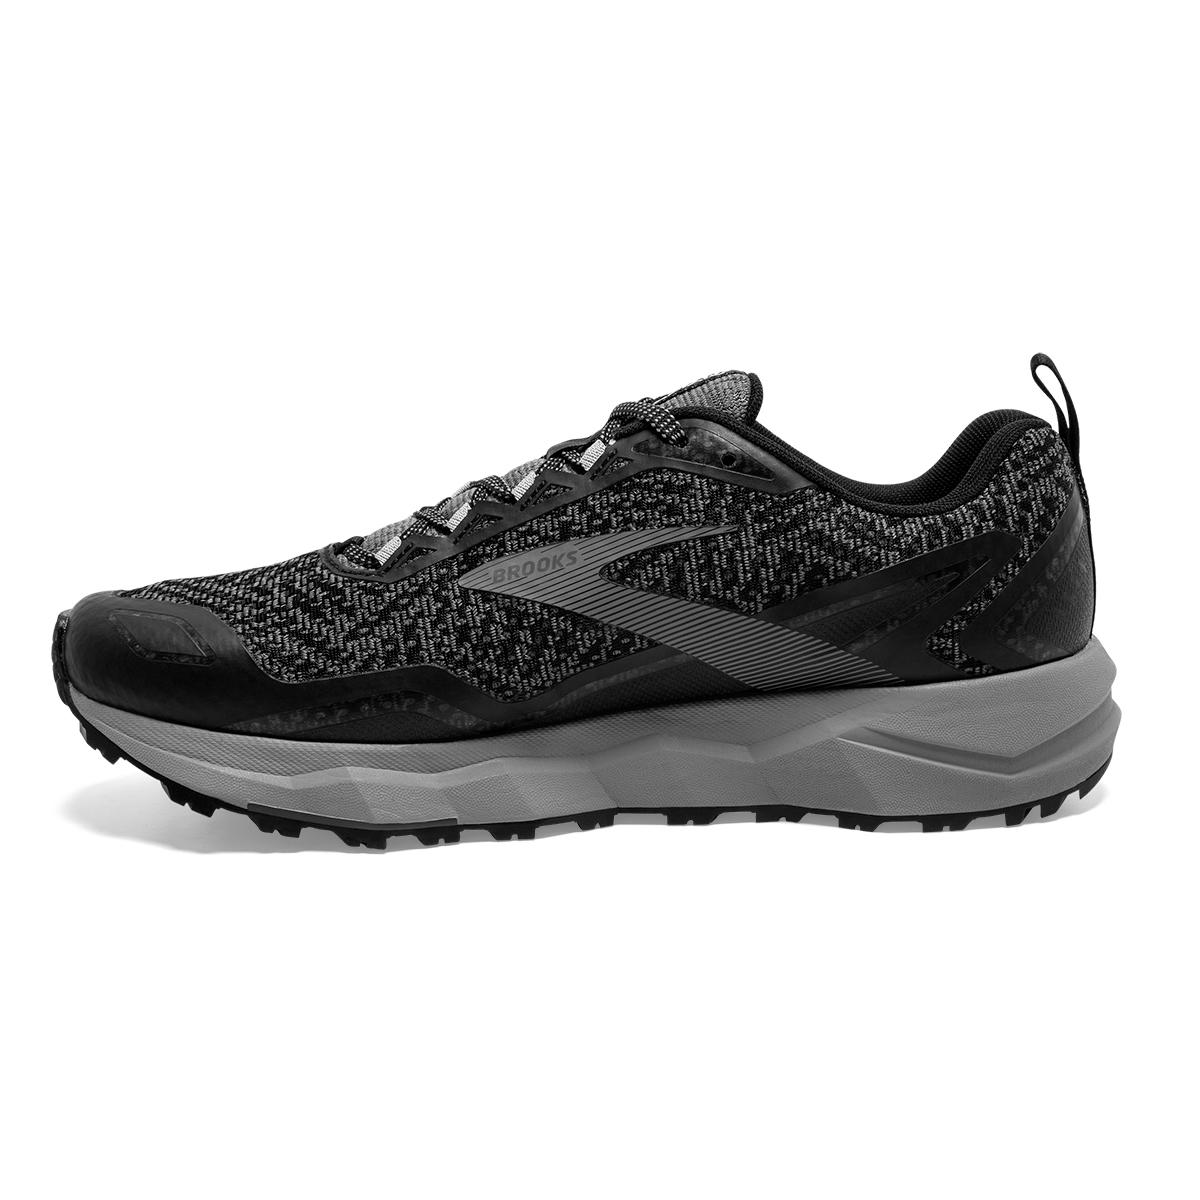 Men's Brooks Divide Trail Running Shoe - Color: Black/Grey (Regular Width) - Size: 7, Black/Grey, large, image 2